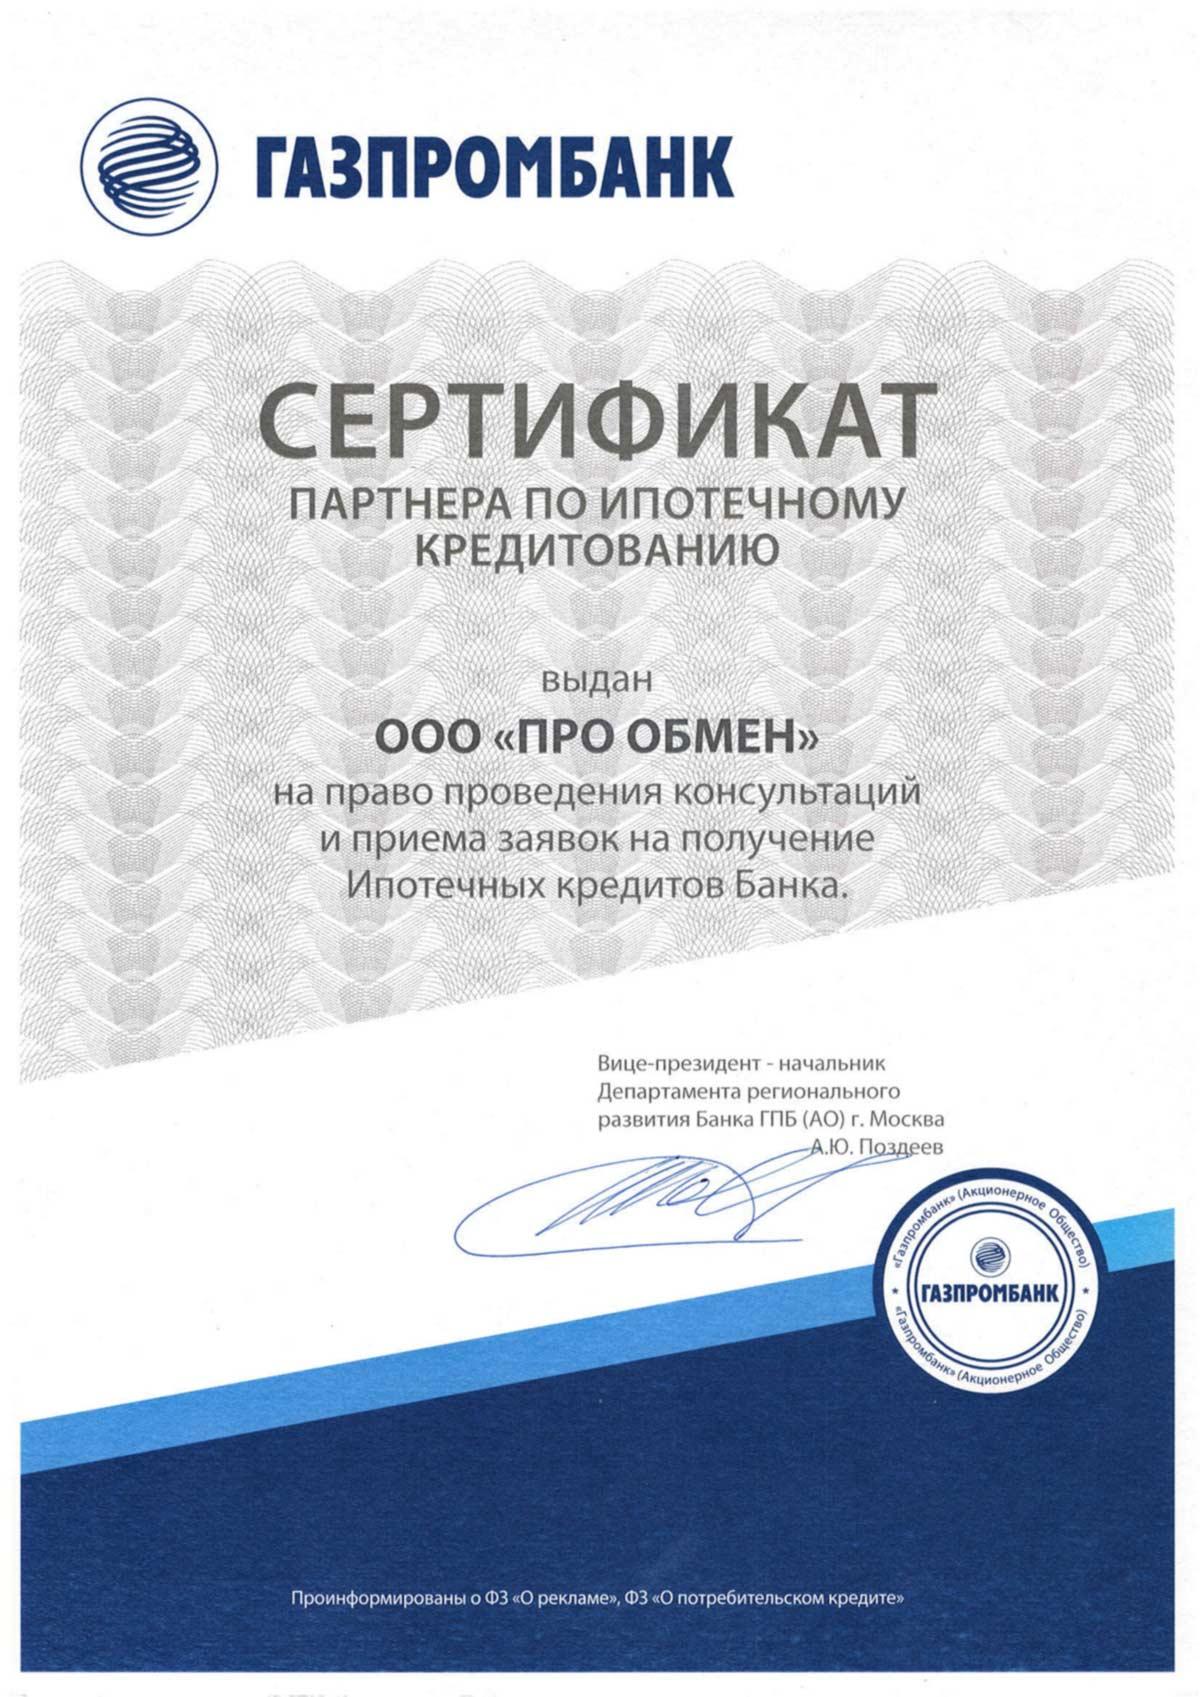 «PRO ОБМЕН» - сертификат партнера по ипотечному кредитованию «Газпромбанк»